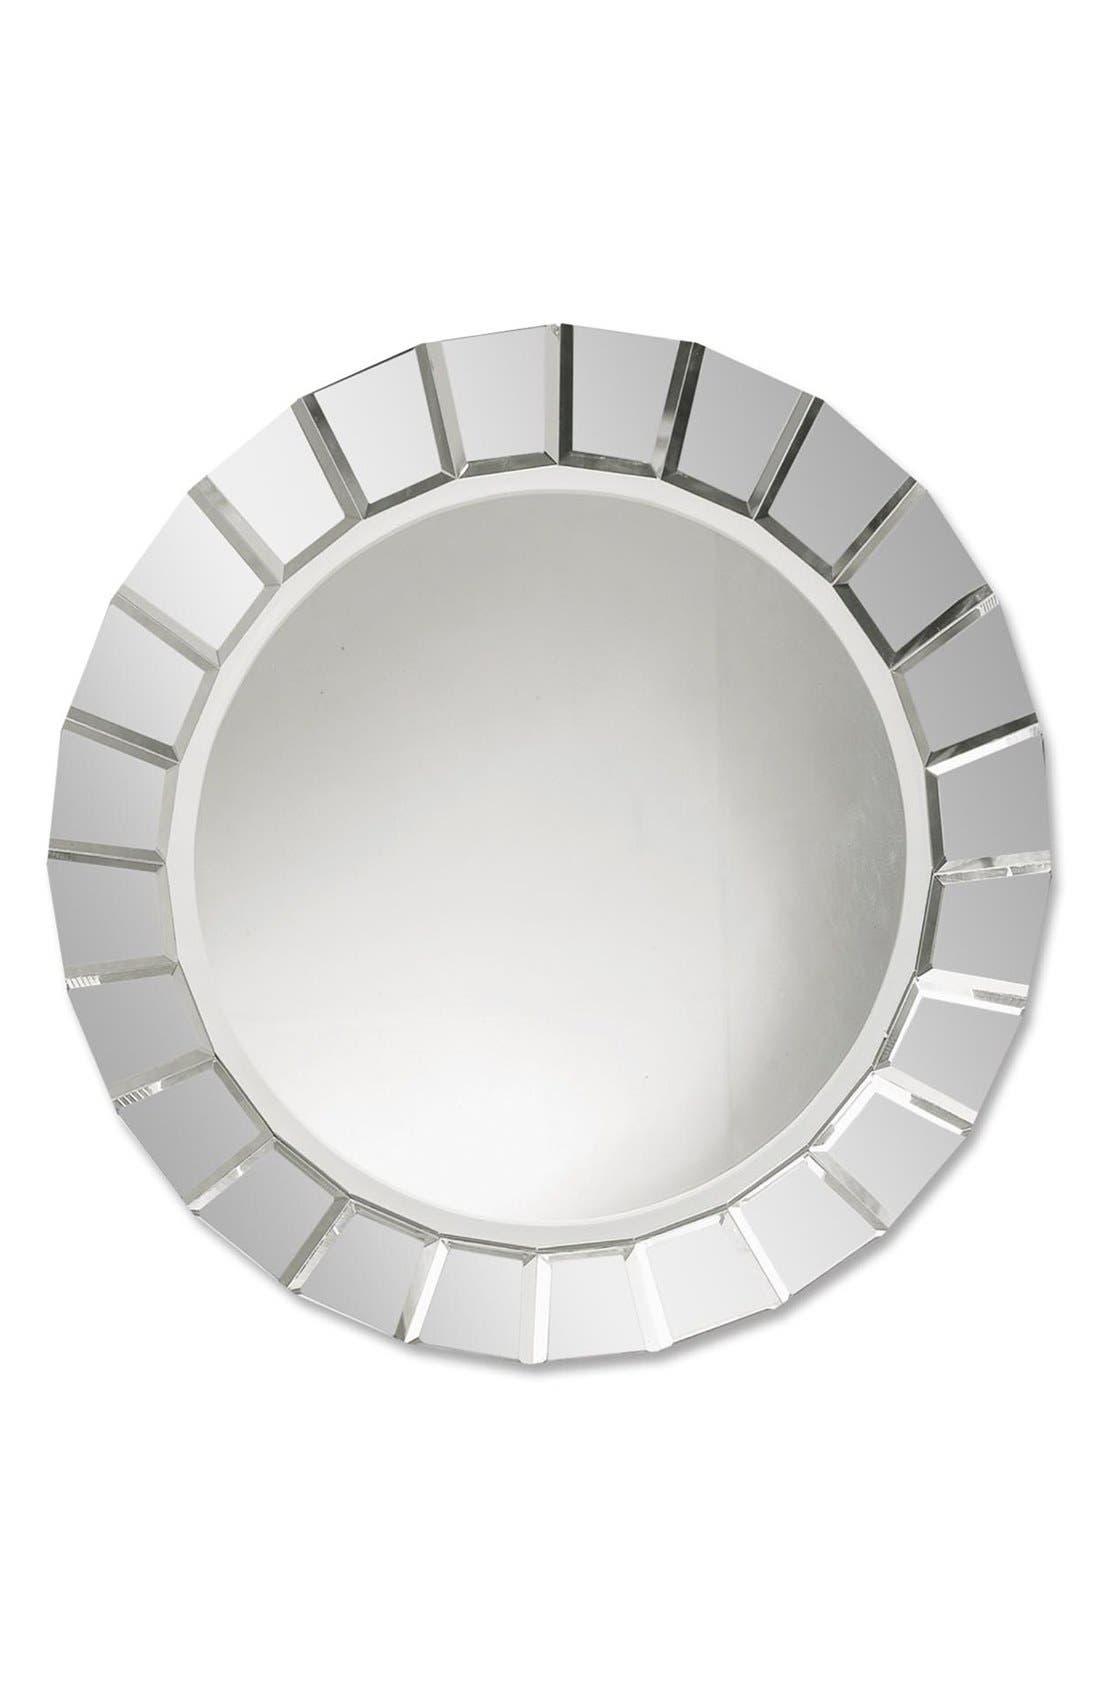 Main Image - Uttermost 'Fortune' Round Mirror